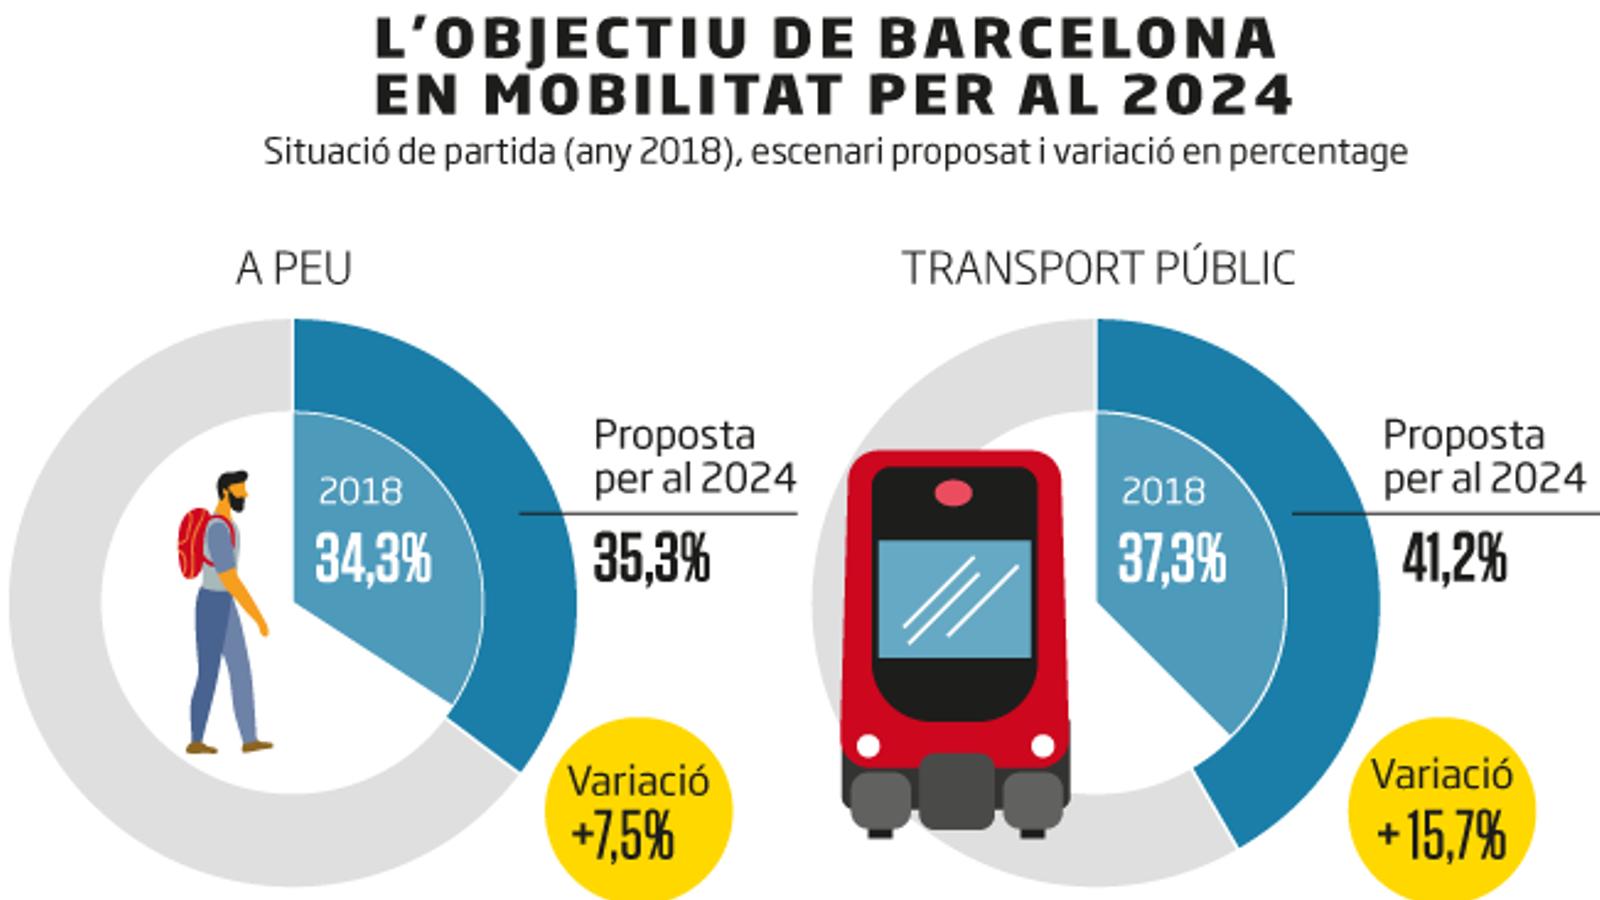 Barcelona preveu que mig milió de viatges del vehicle privat passin al transport públic